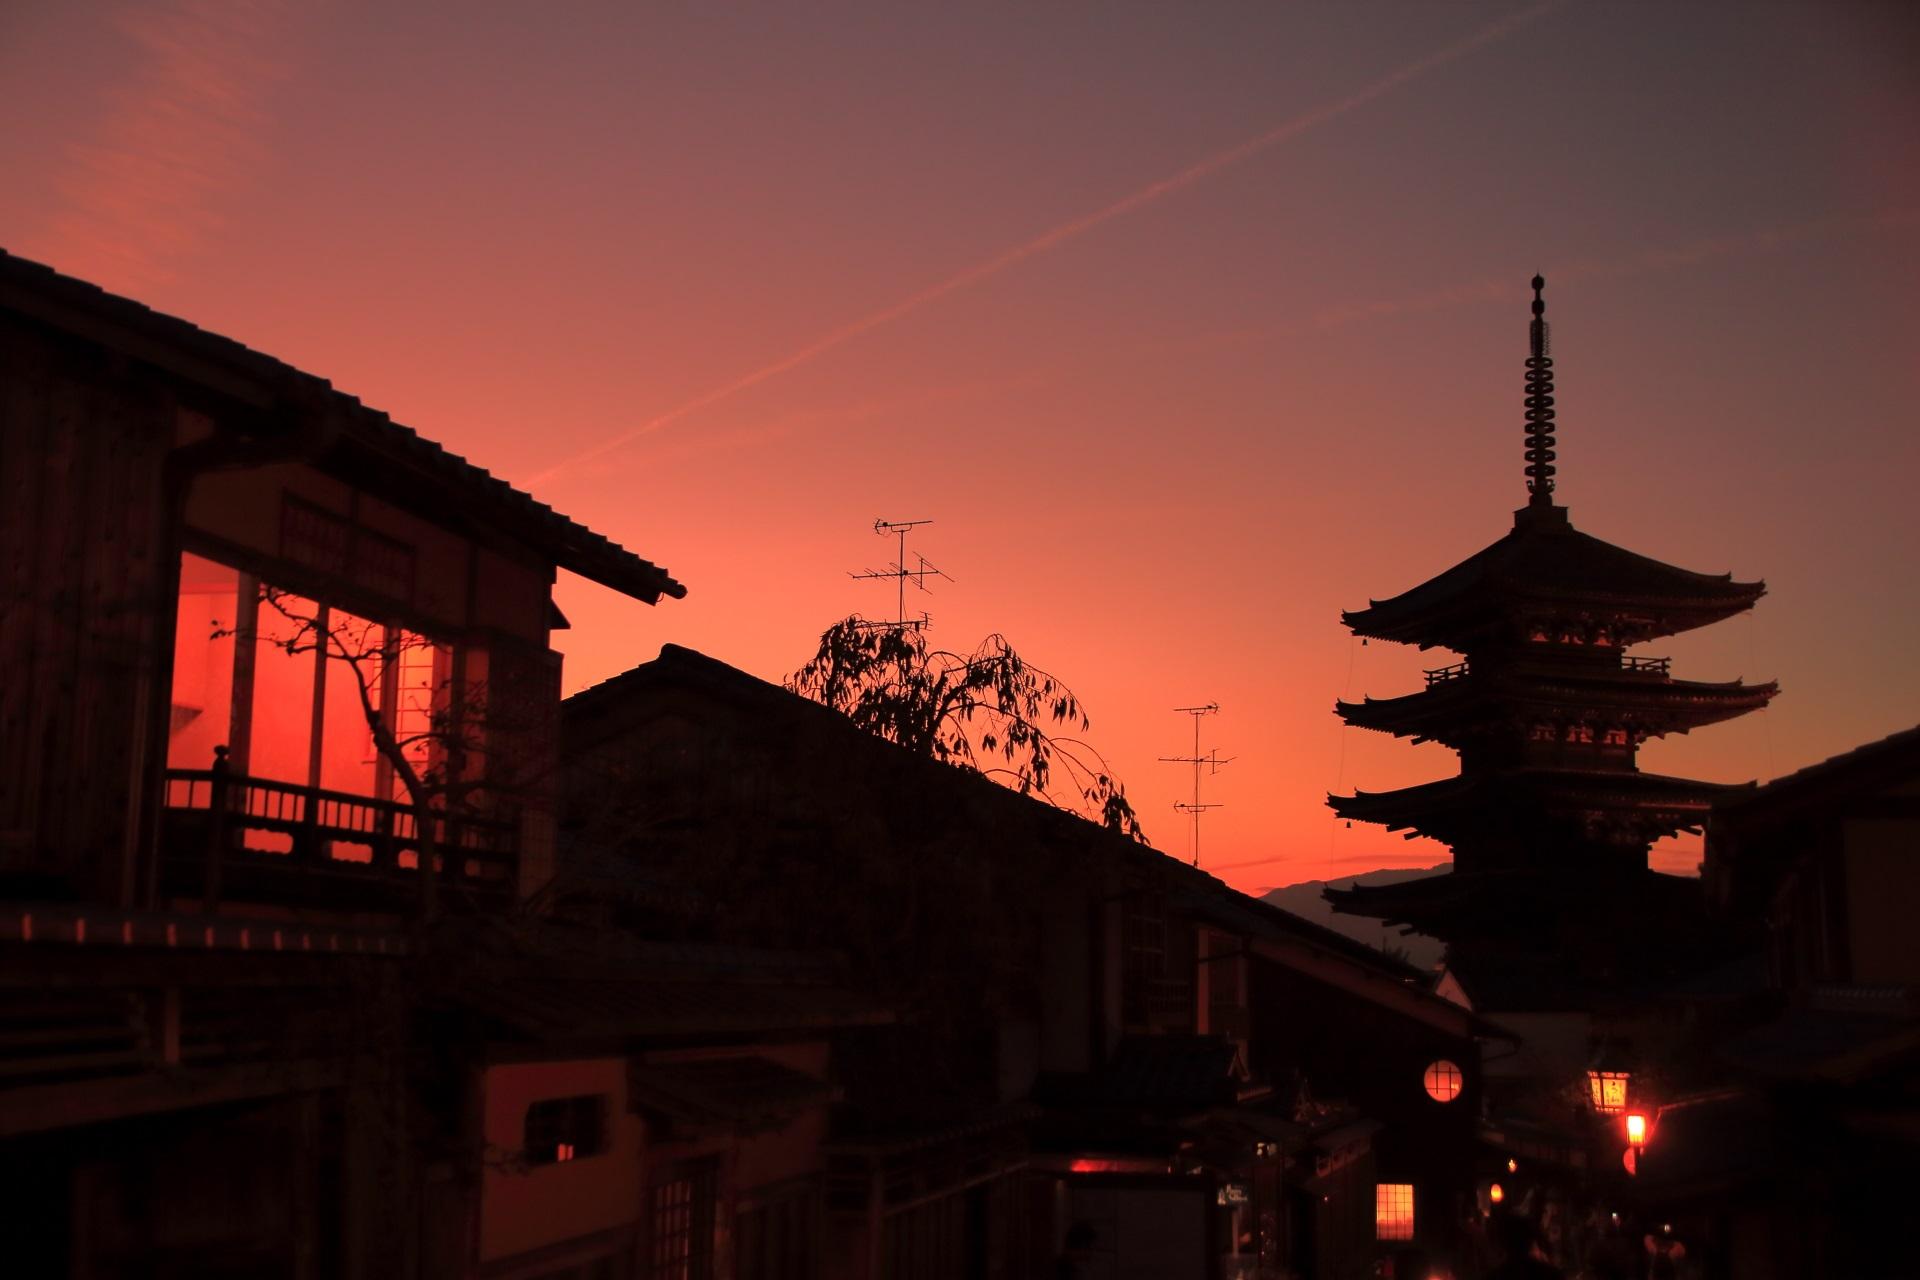 八坂の塔 夕焼け 夕暮れに佇む祇園の五重塔